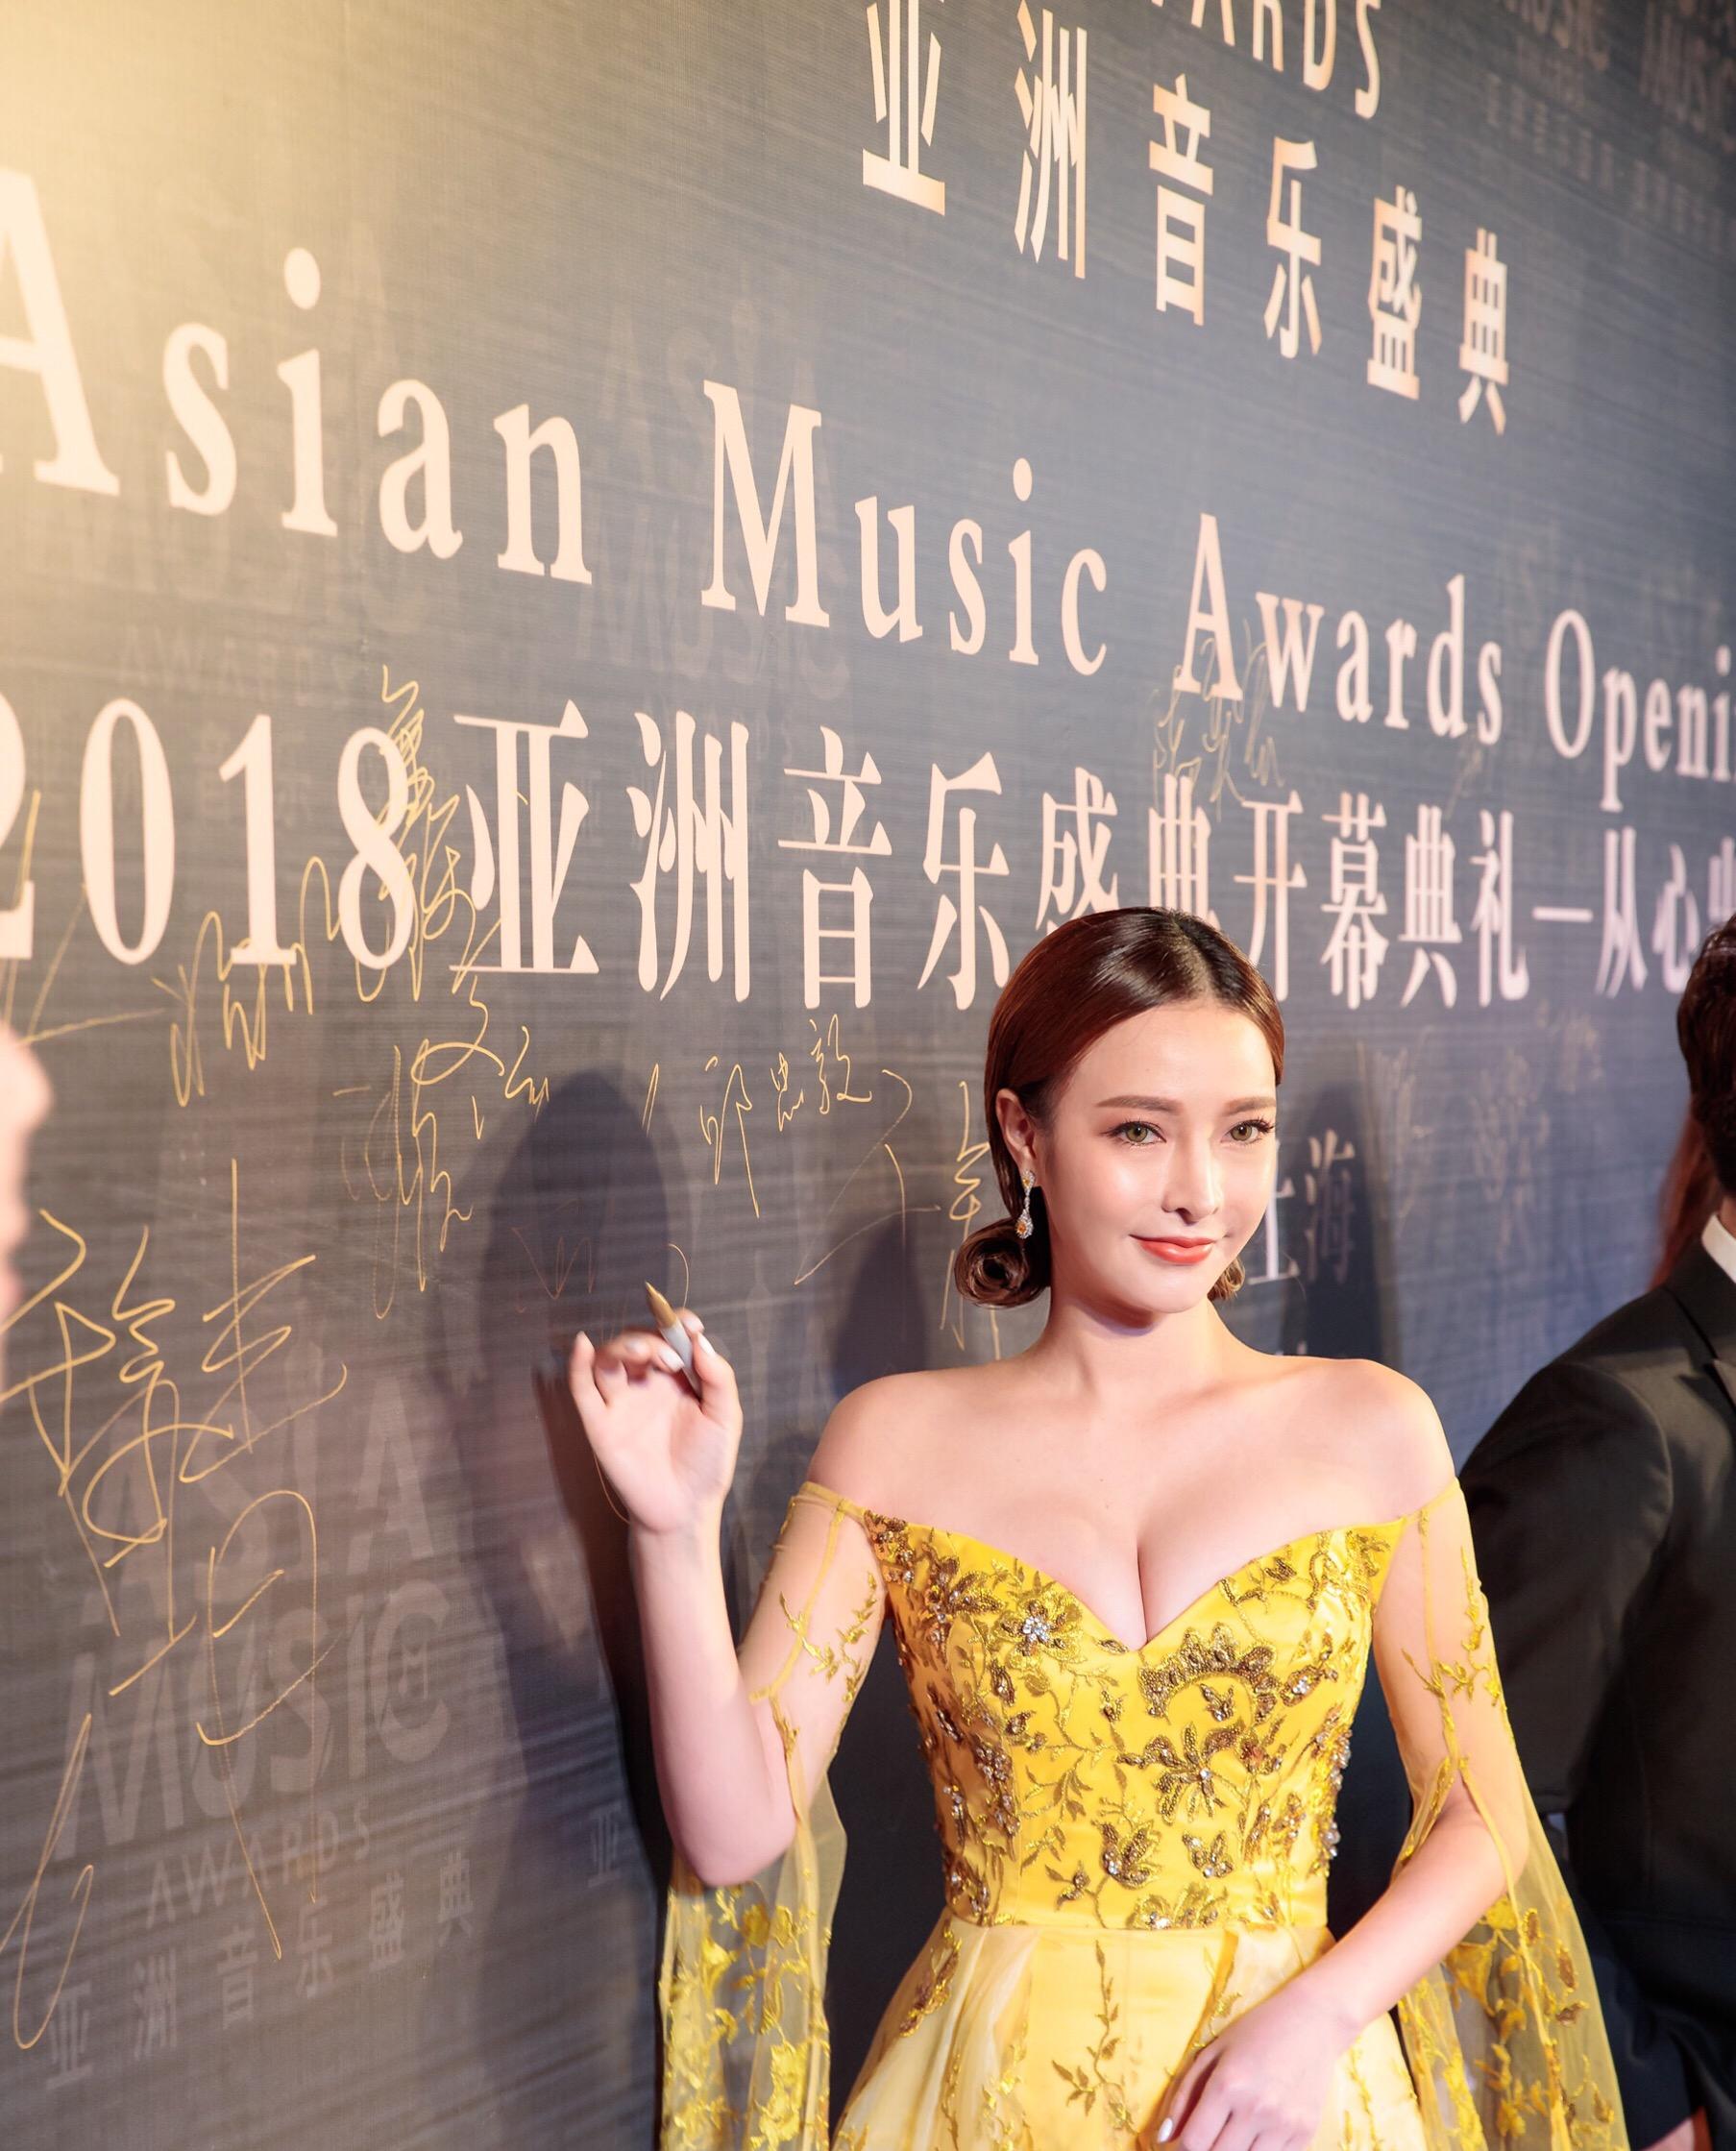 灵气高定设计师蔡安琪受邀出席2018亚洲音乐盛典并